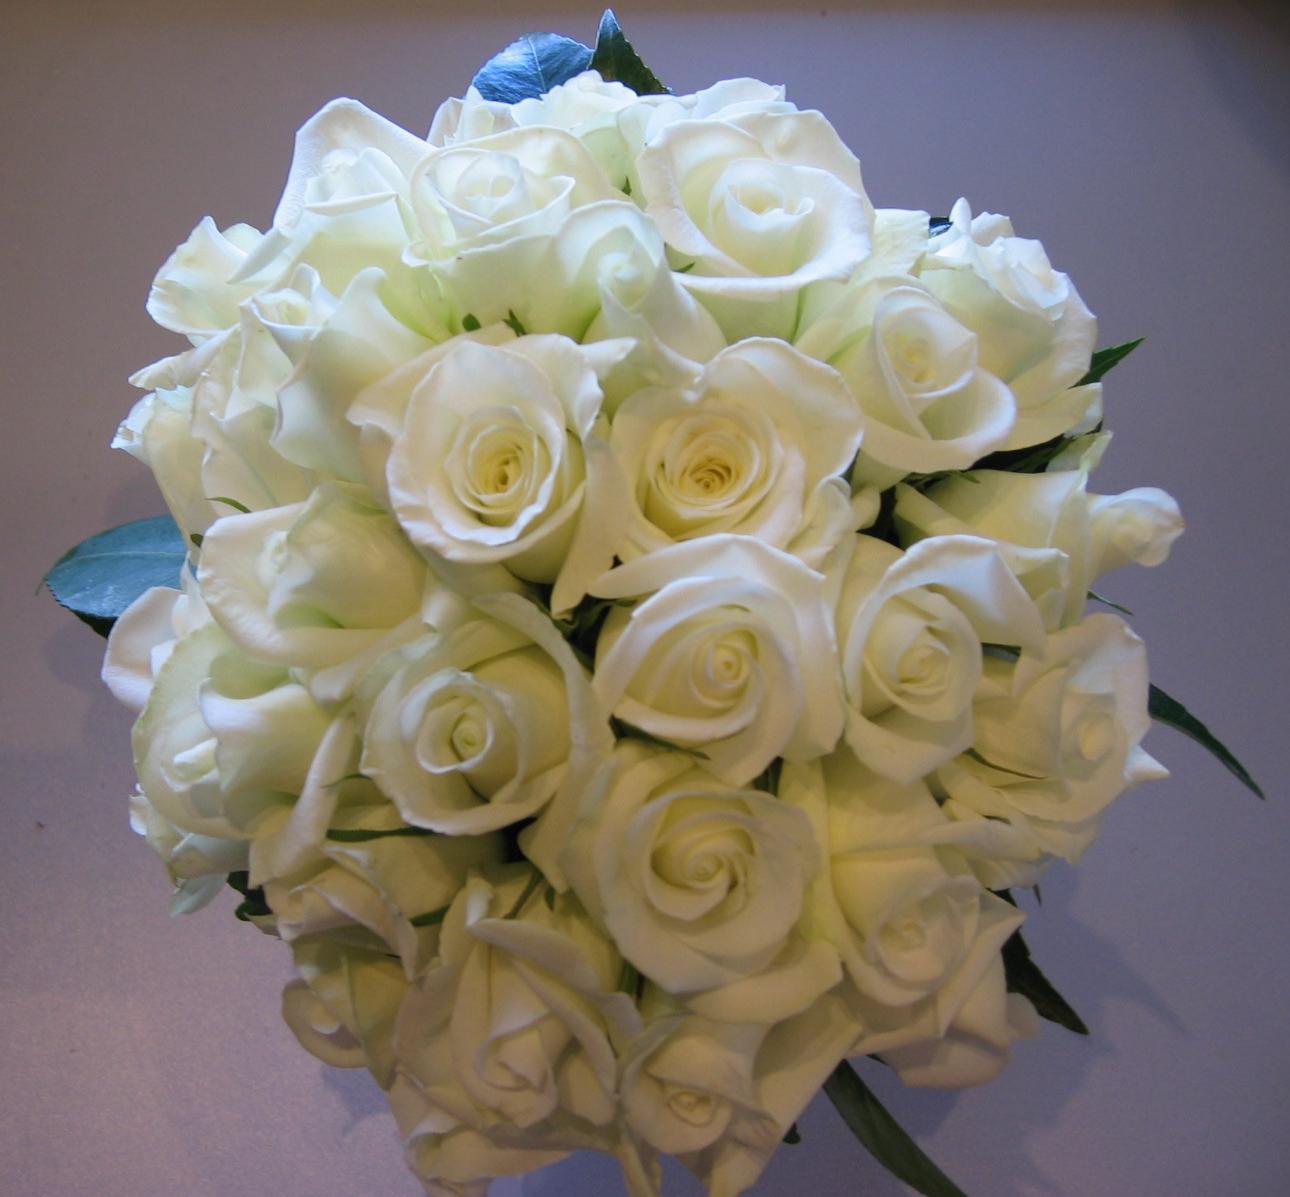 Postmodern Musings Baileys Cafe White Roses